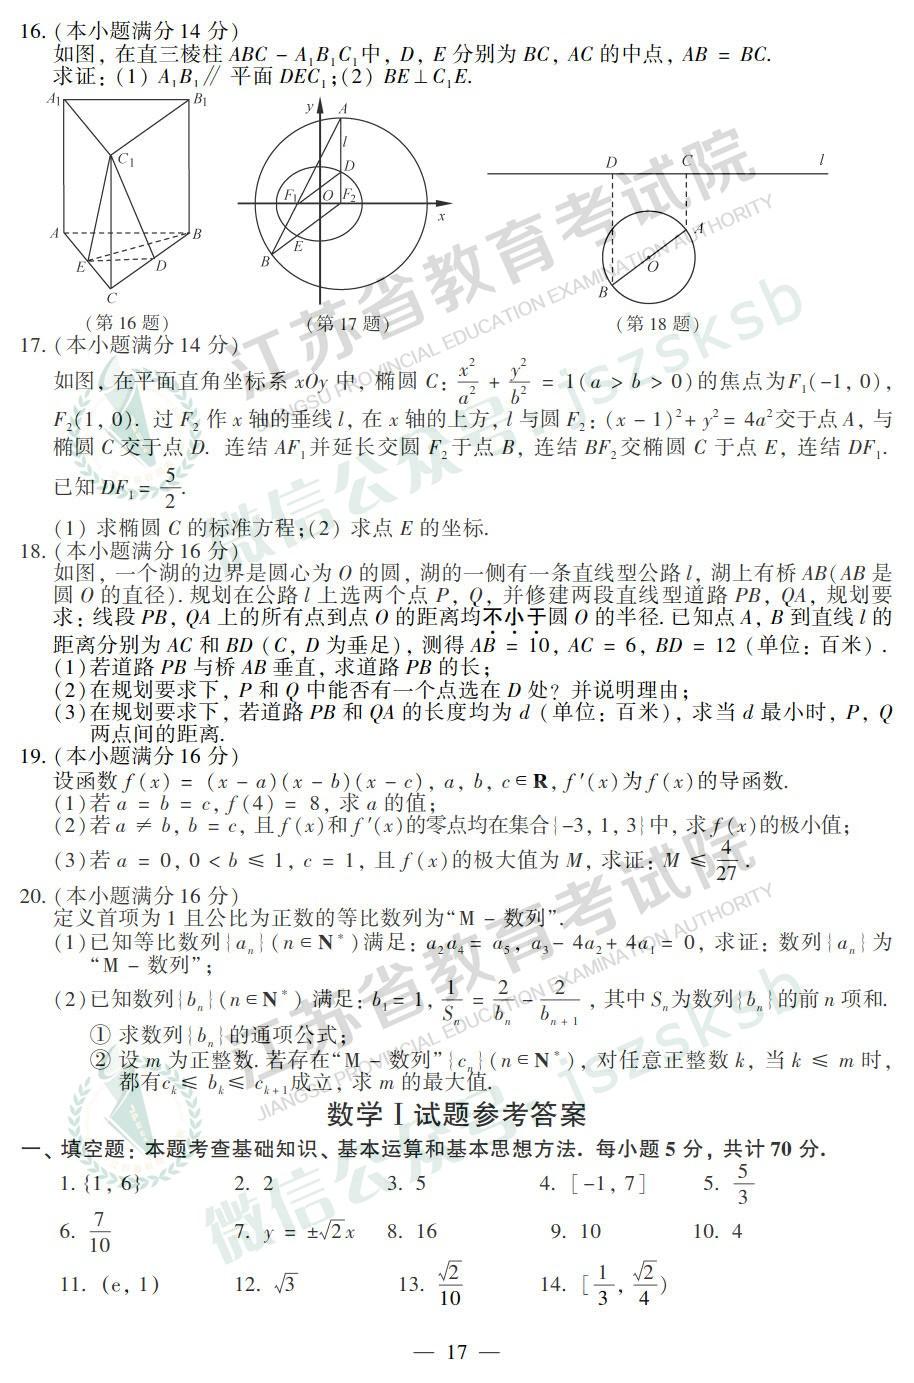 2013年高考语文试题_2019年江苏高考数学试题(图片版)(2)_高考网